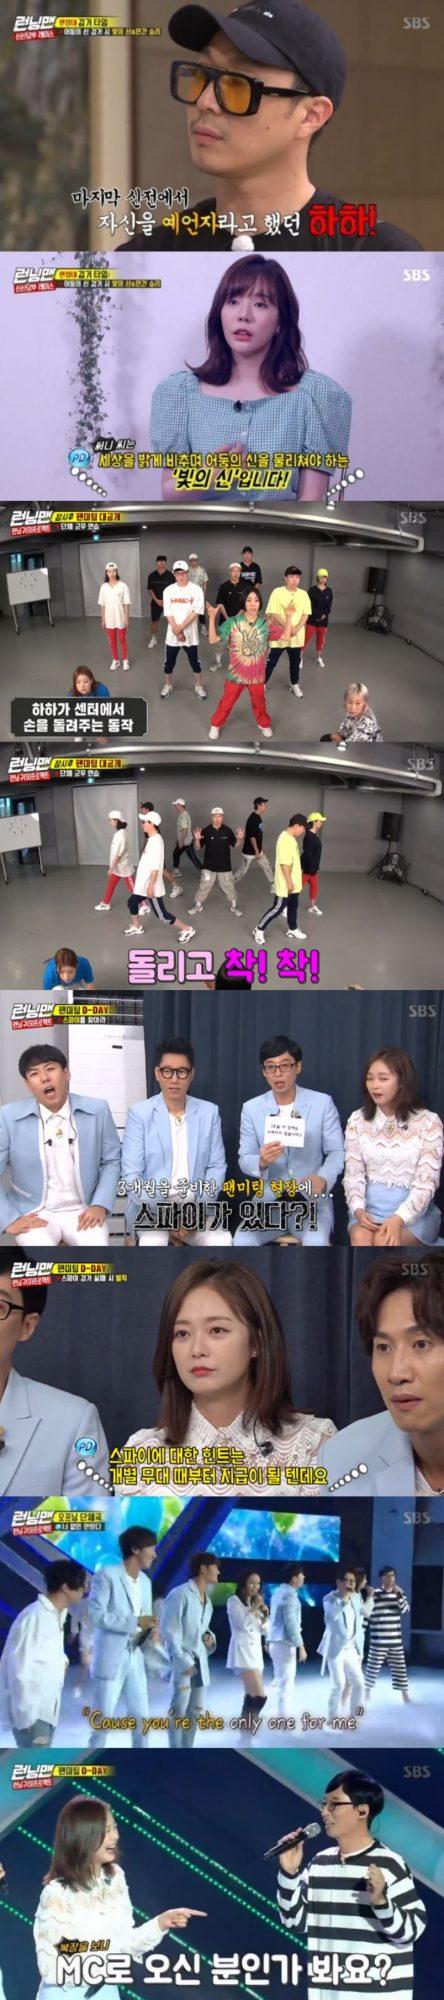 '런닝맨' 신신당부 레이스와 '런닝구' 팬미팅 현장. /사진제공=SBS